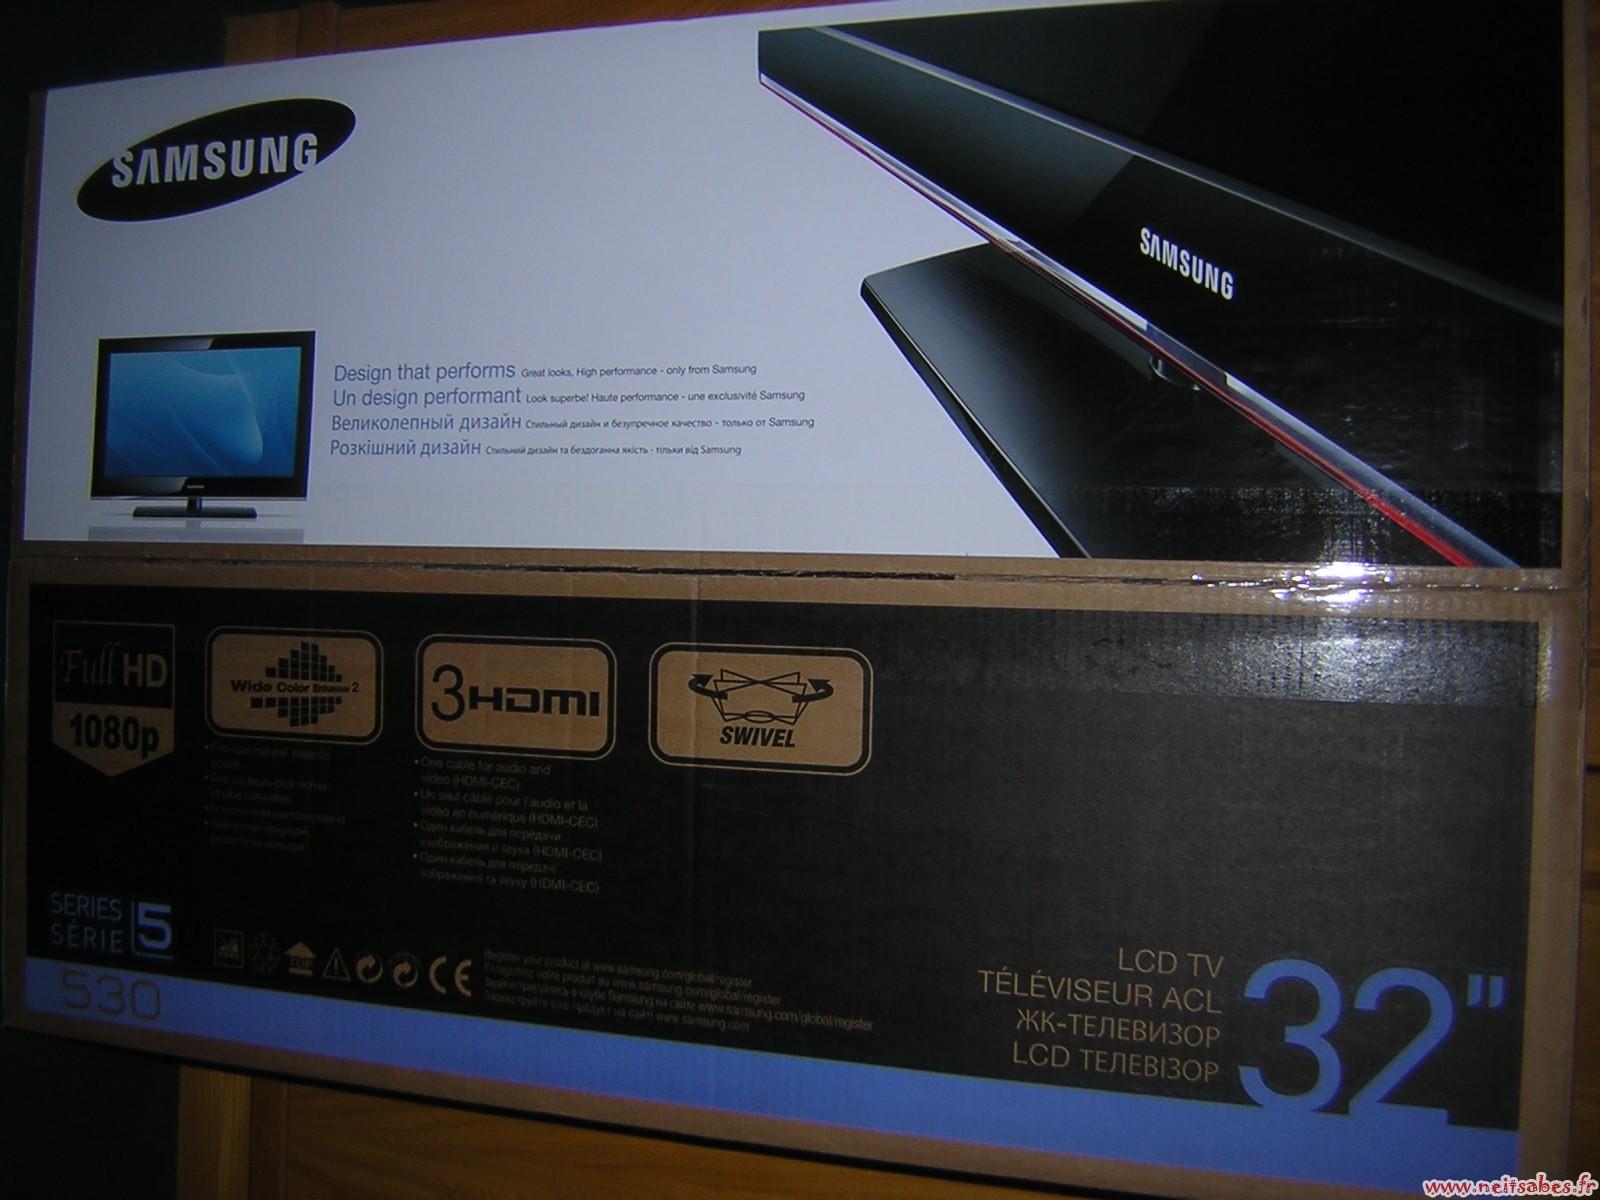 Achat - Samsung 32B530